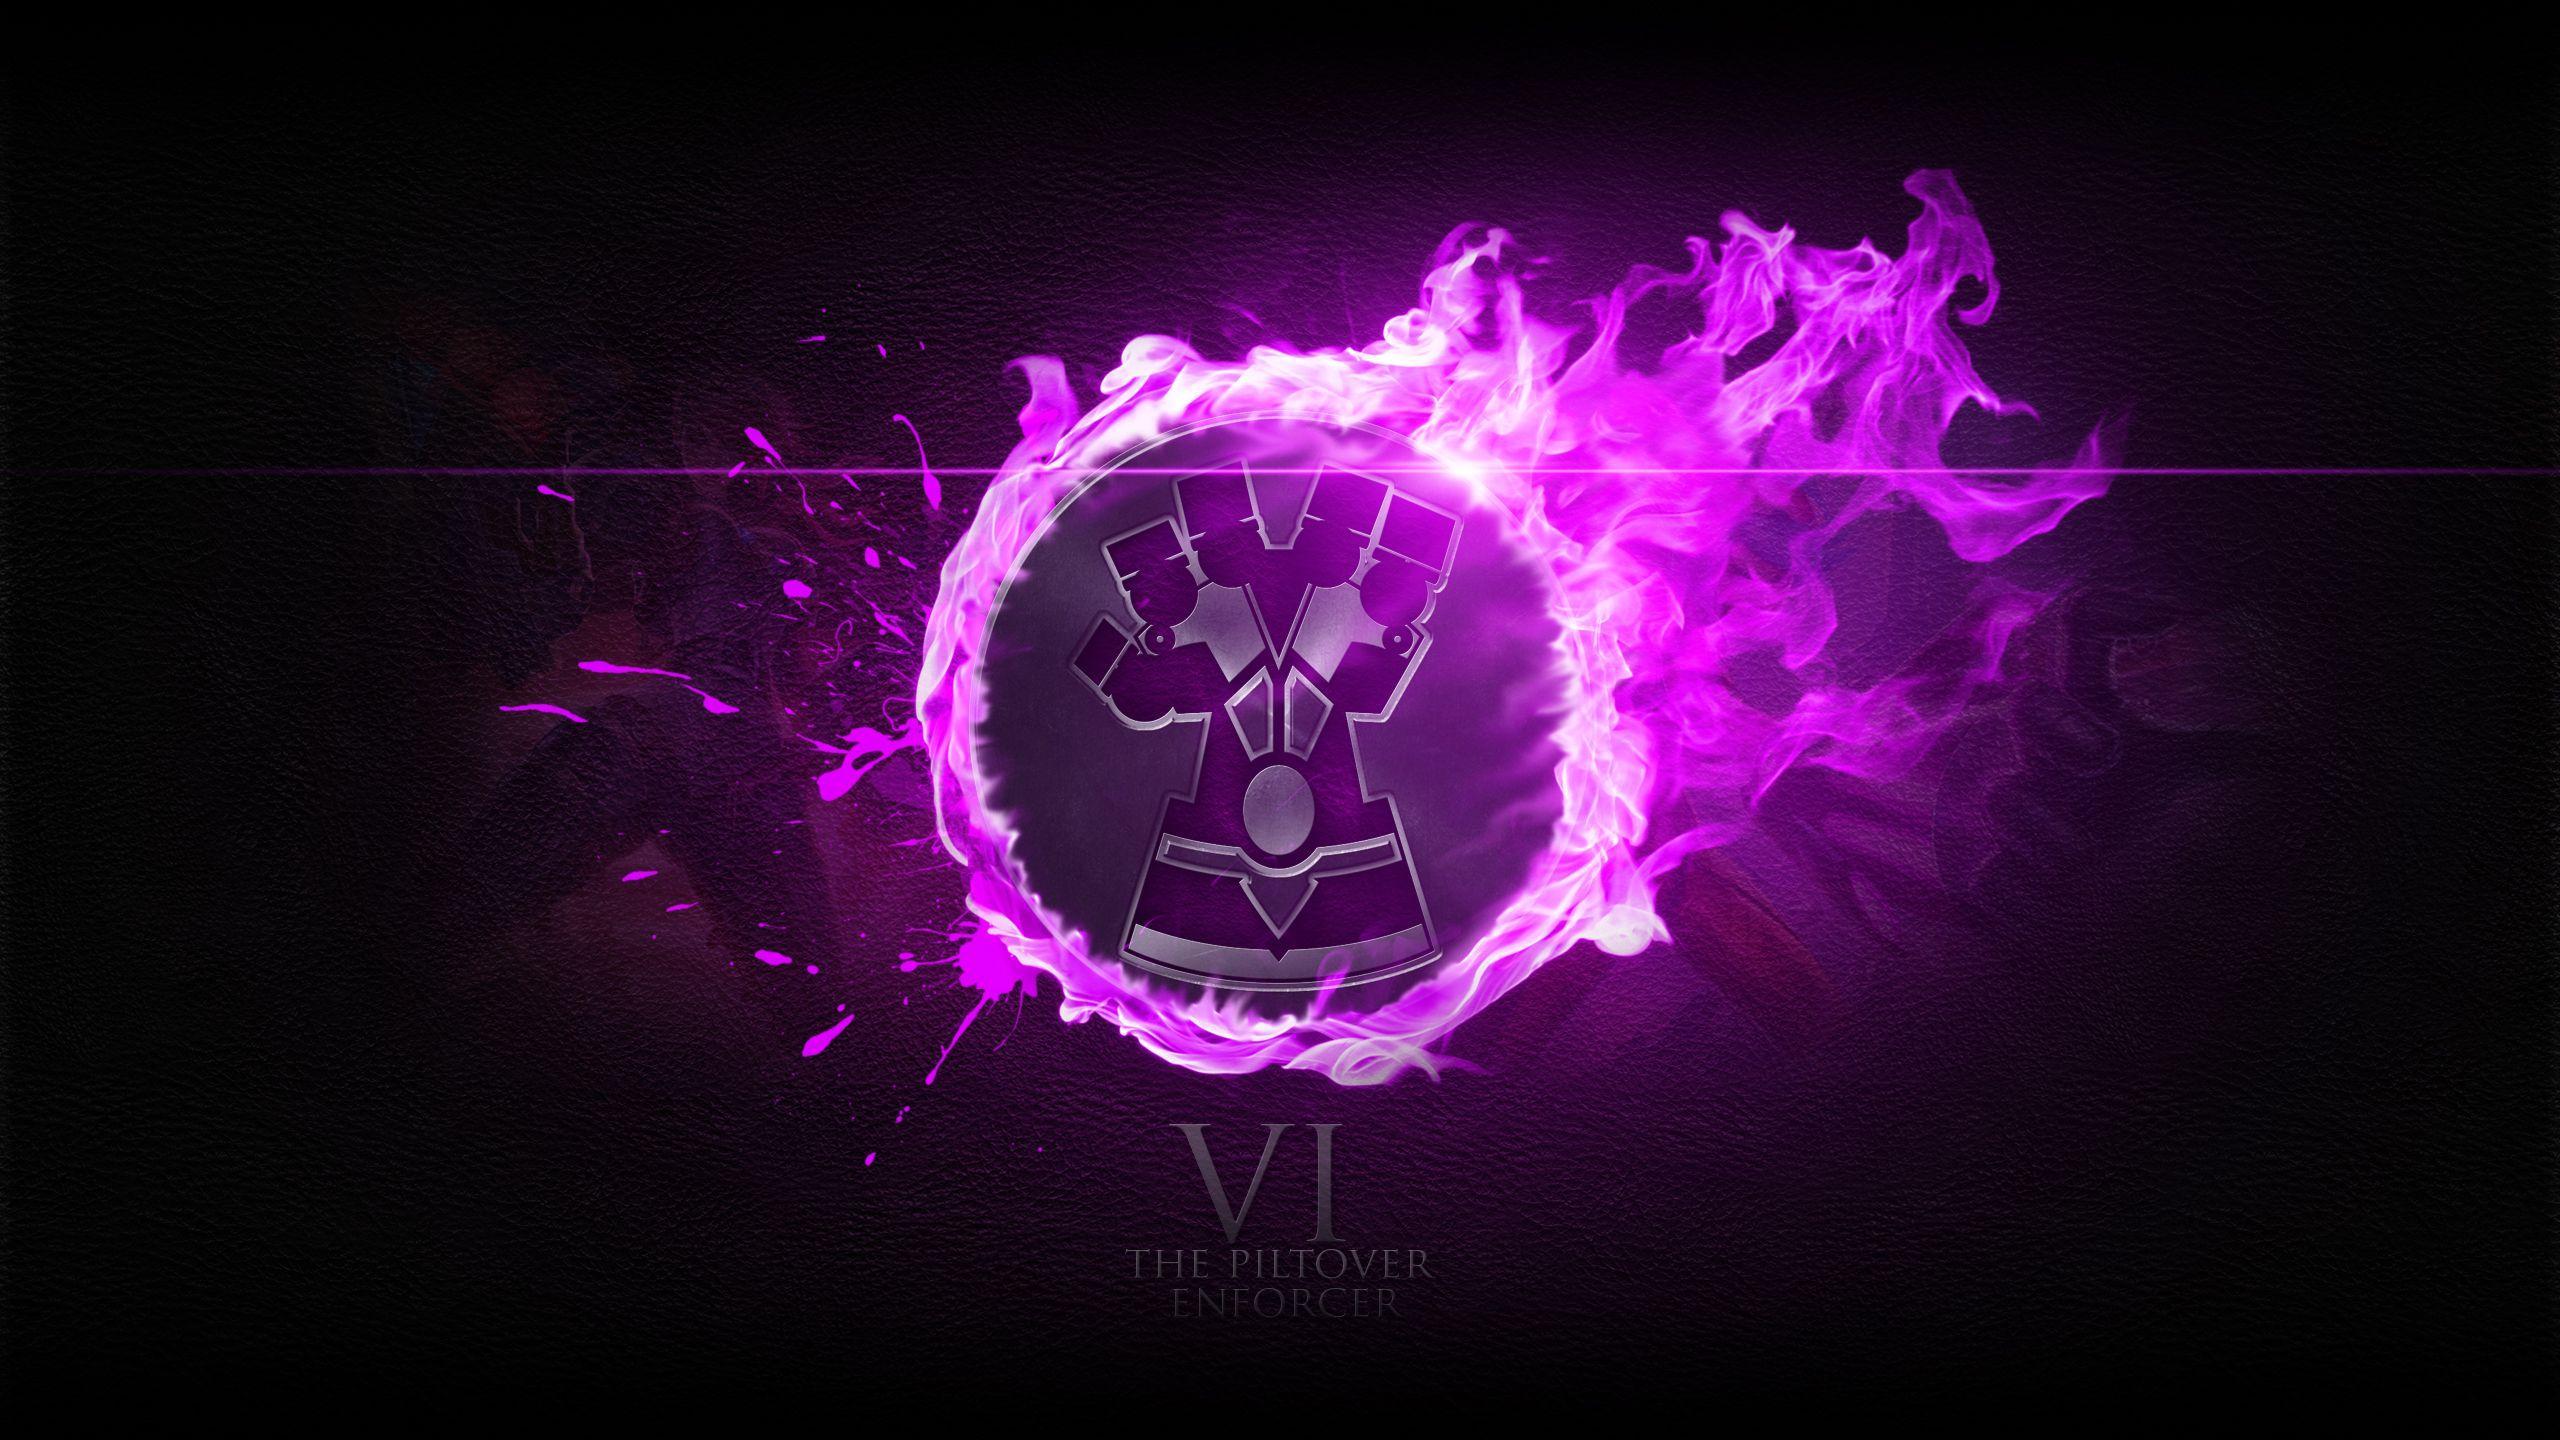 Vi Vi League Of Legends League Of Legends Logo League Of Legends